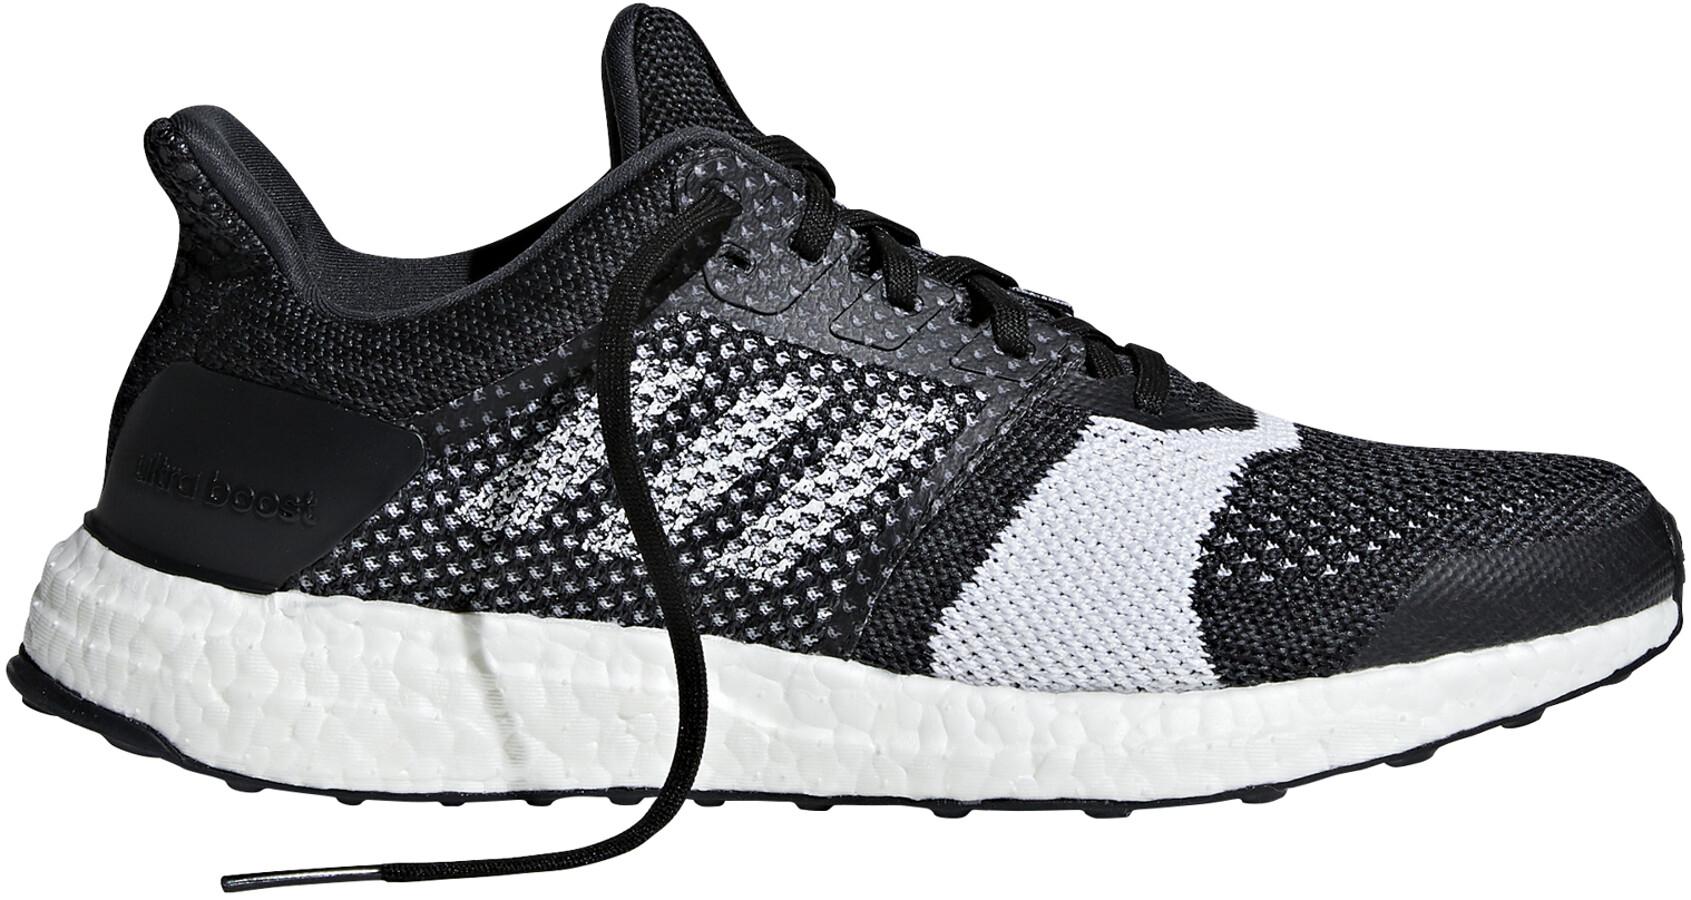 chaussures de séparation e3329 289cb adidas UltraBoost ST - Chaussures running Homme - gris/noir